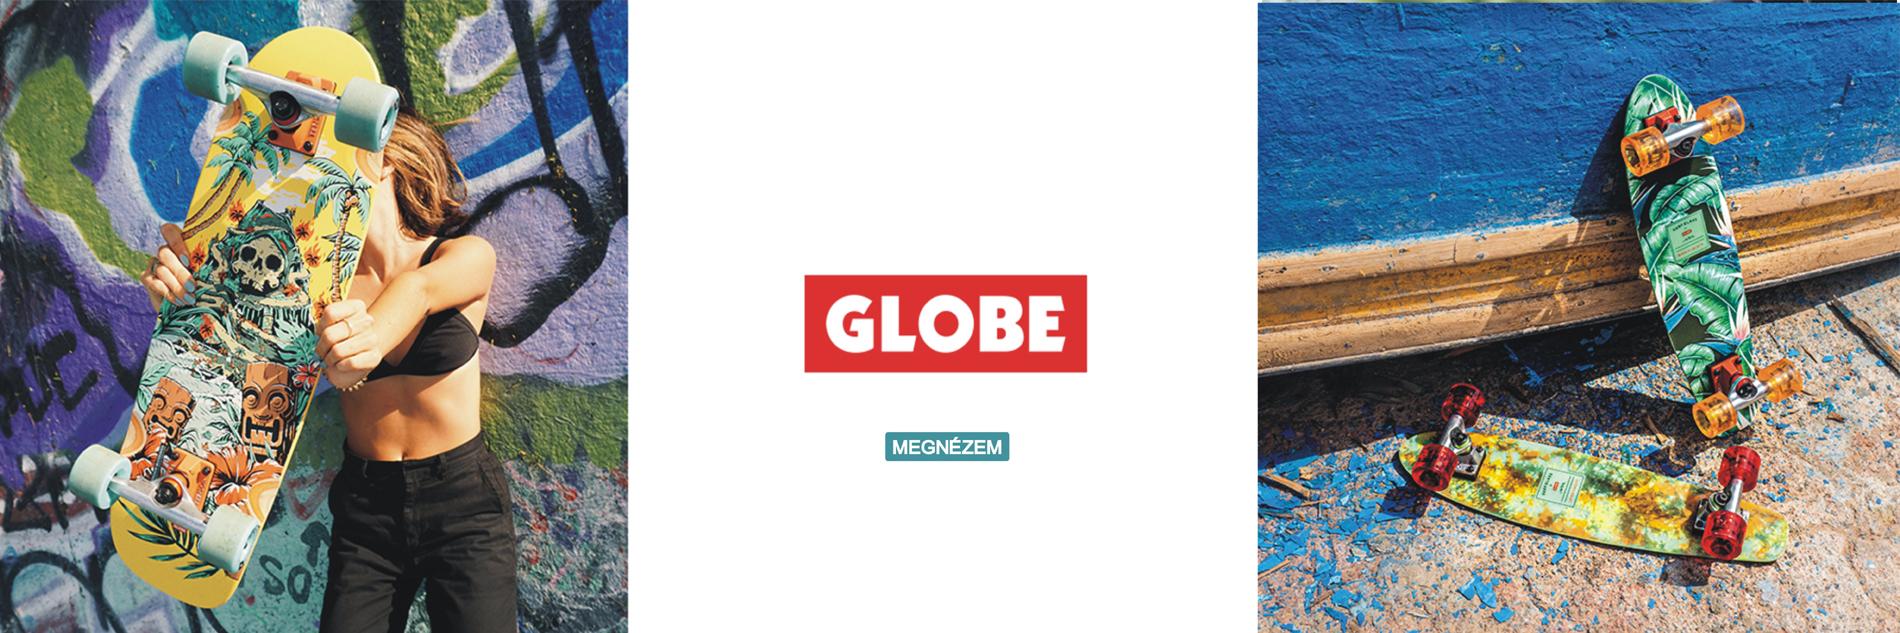 Globe-skateboards-1